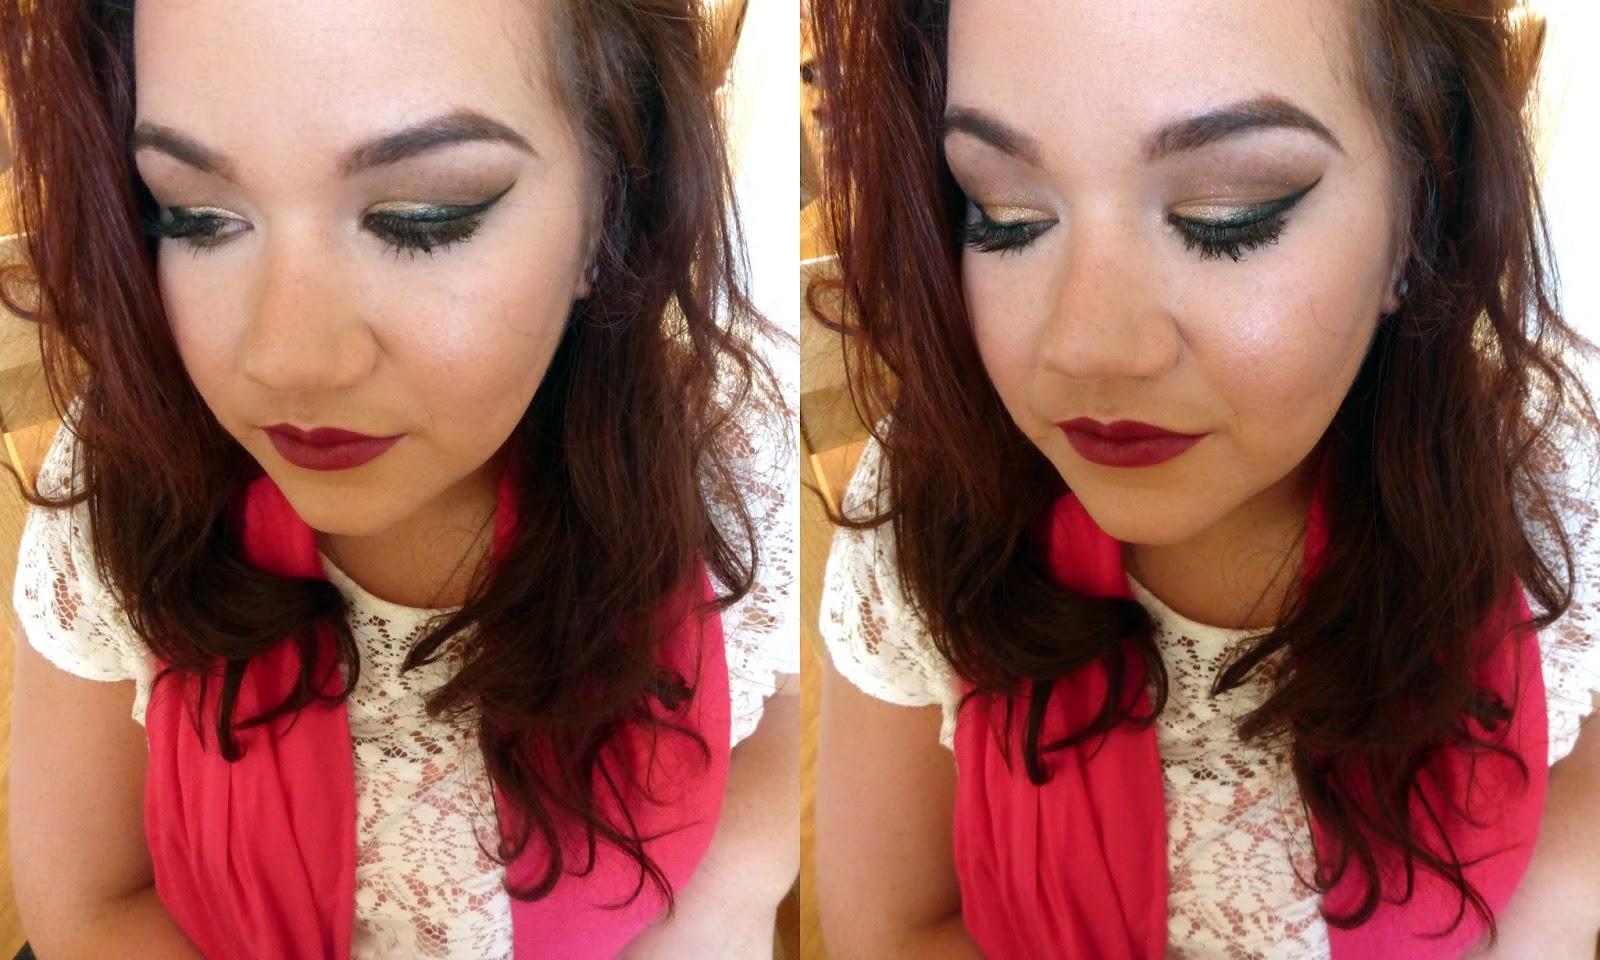 Georgina Grogan Makeup artist, shemightbeloved, envyderm cosmetics, makeup, evening makeup